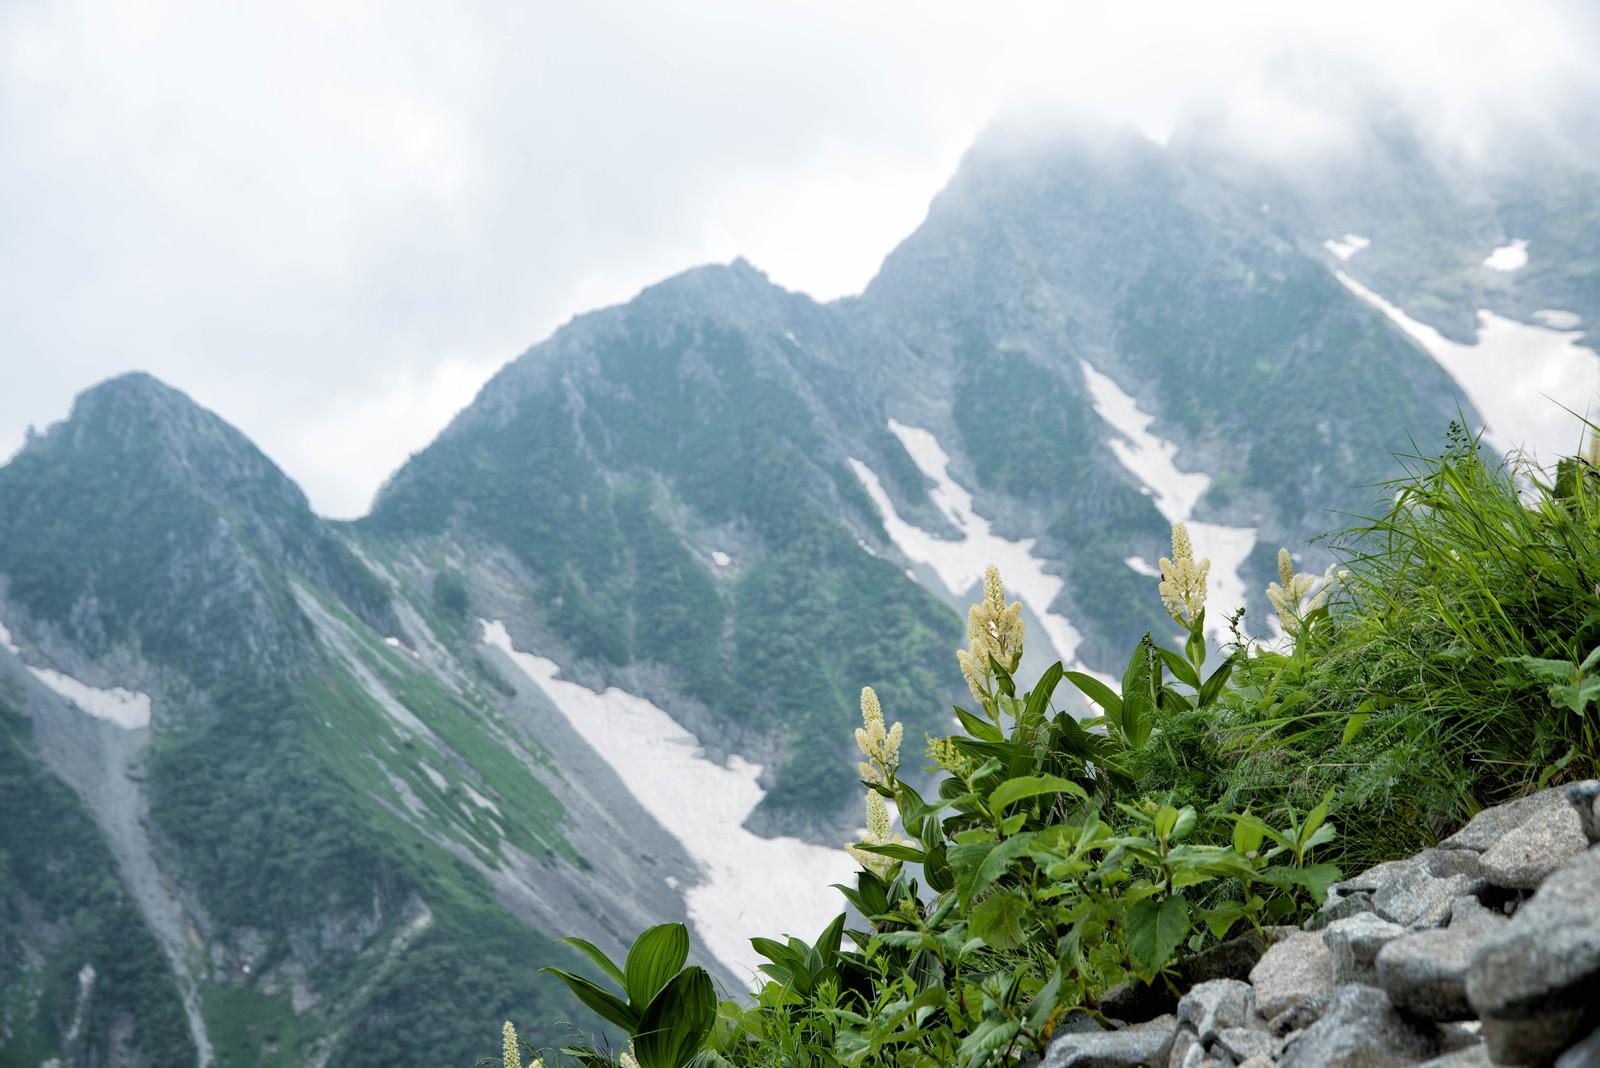 「北穂高岳に咲く高山植物(コバイケイソウ)」の写真